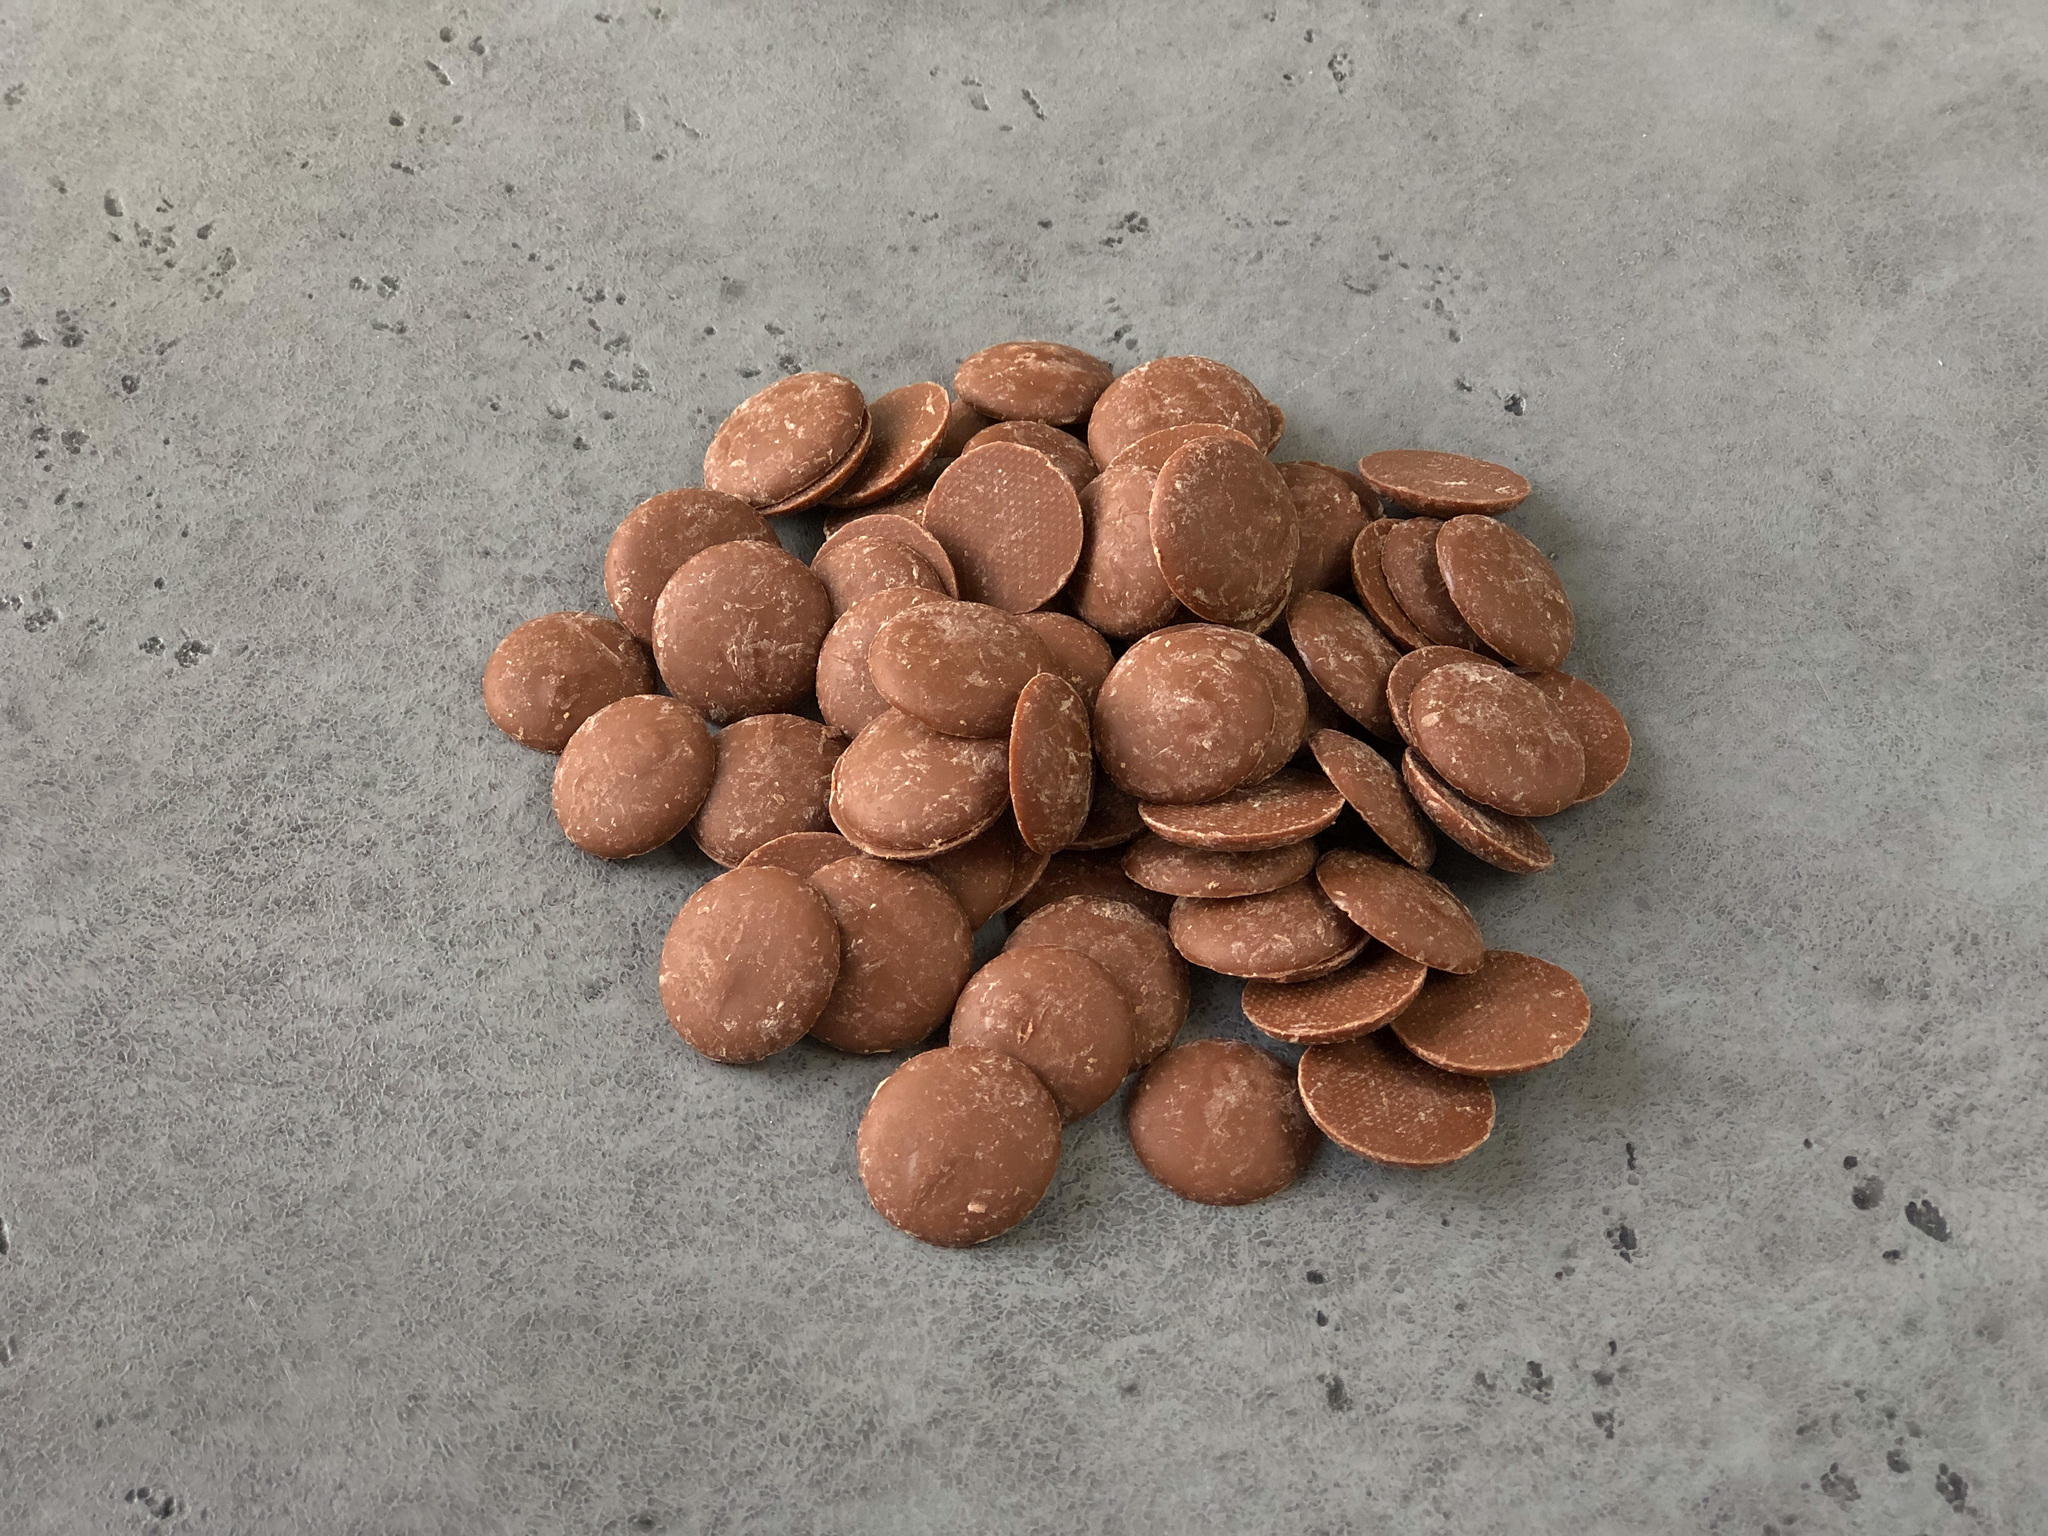 Шоколад ARABESQUE Cargill молочный 34%, 500 гр